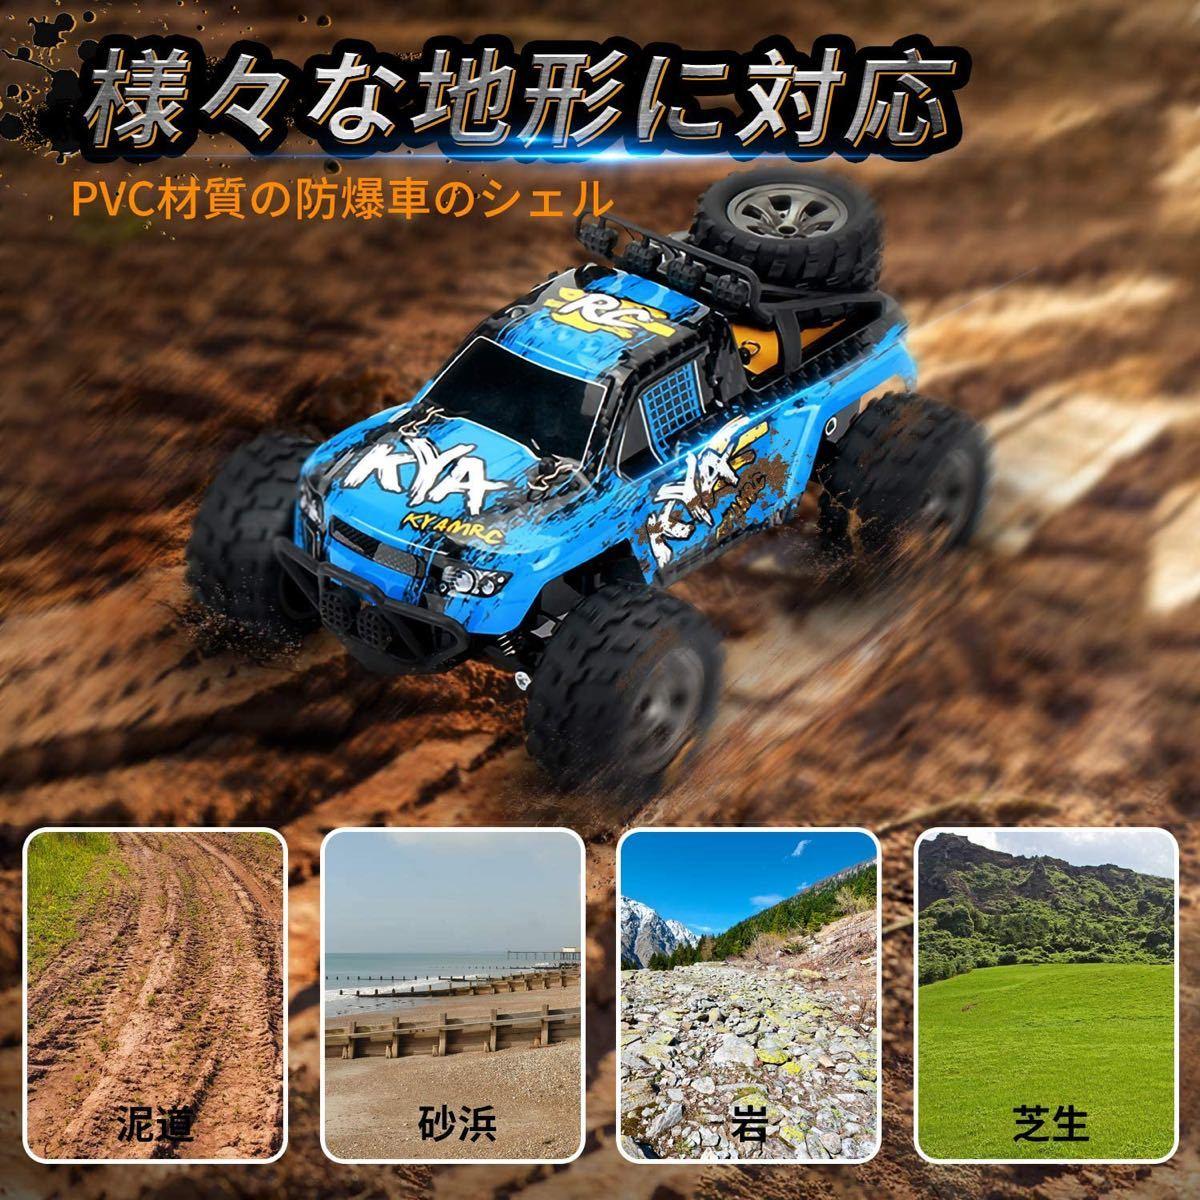 ラジコンカー リモコンカー RCカー ラジコン 子供おもちゃ子供の日 リモコンカー 男の子誕生日プレゼントRCカー